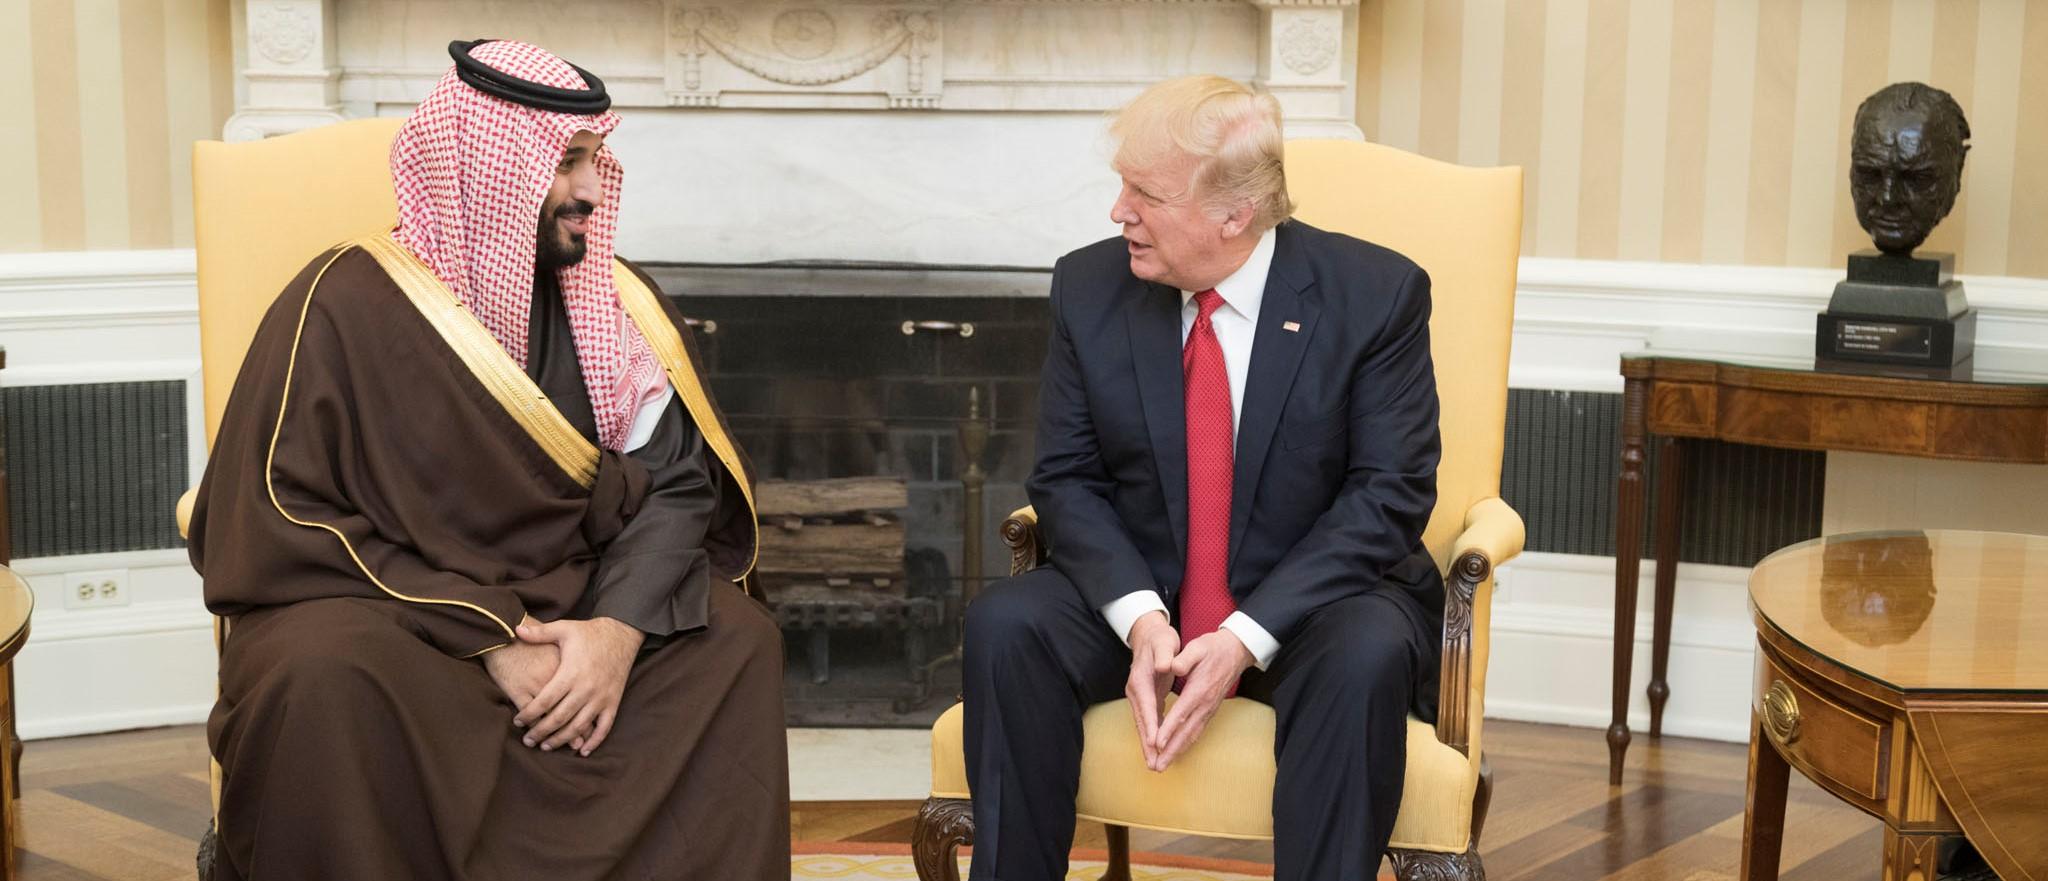 Donald Trump keskustelemassa Mohammed bin Salmanin kanssa